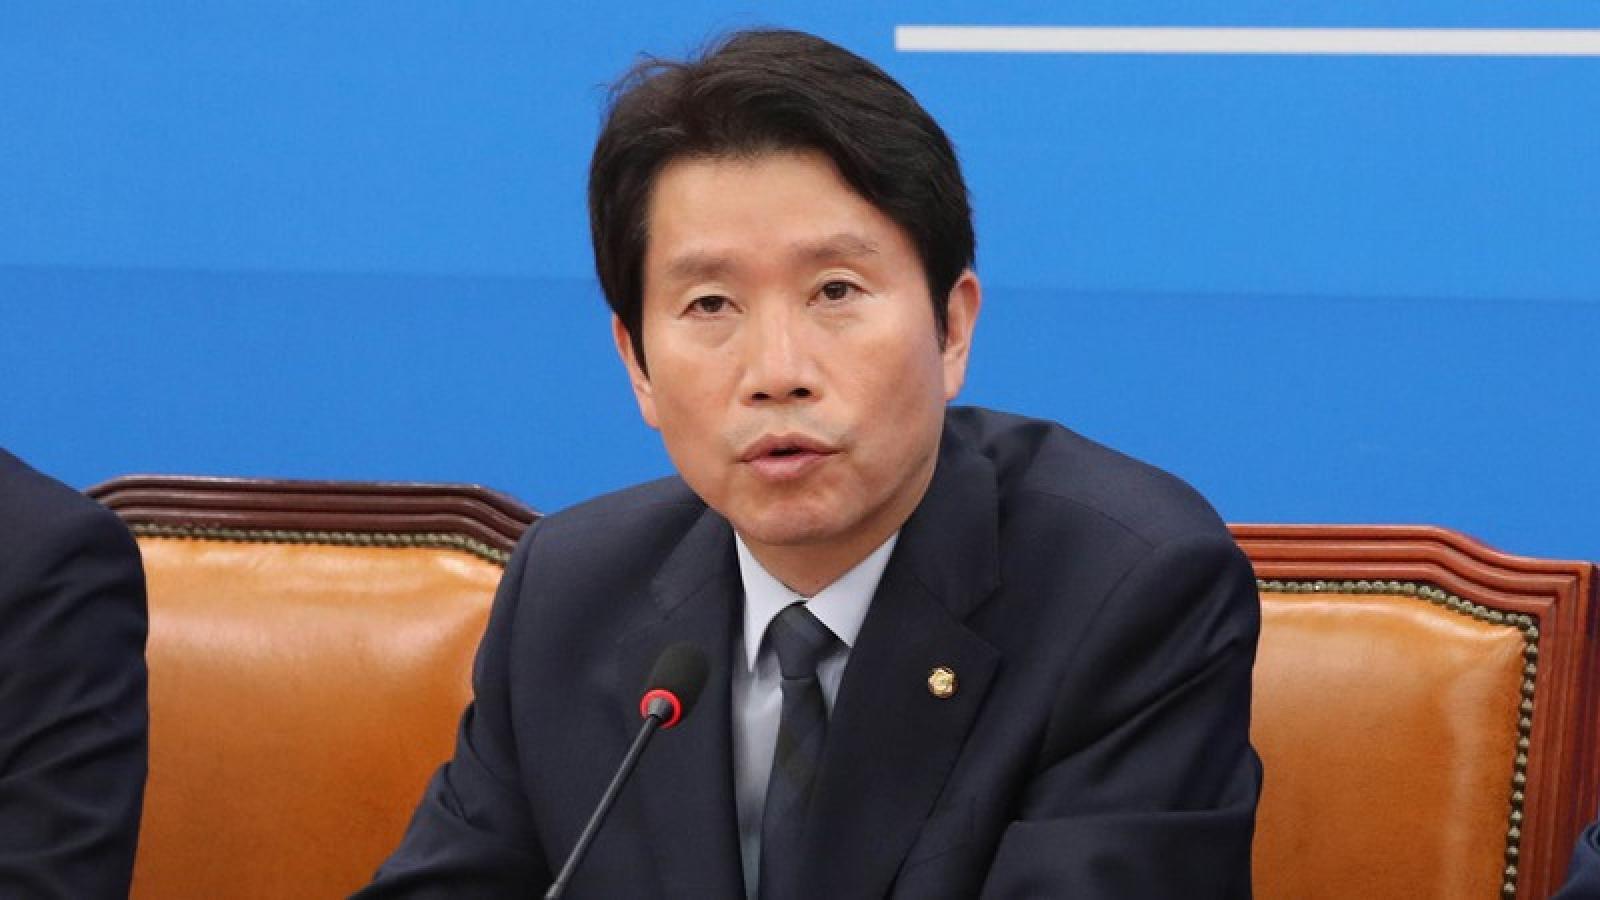 Hàn Quốc sẵn sàng hợp tác với Triều Tiên đối phó với dịch Covid-19